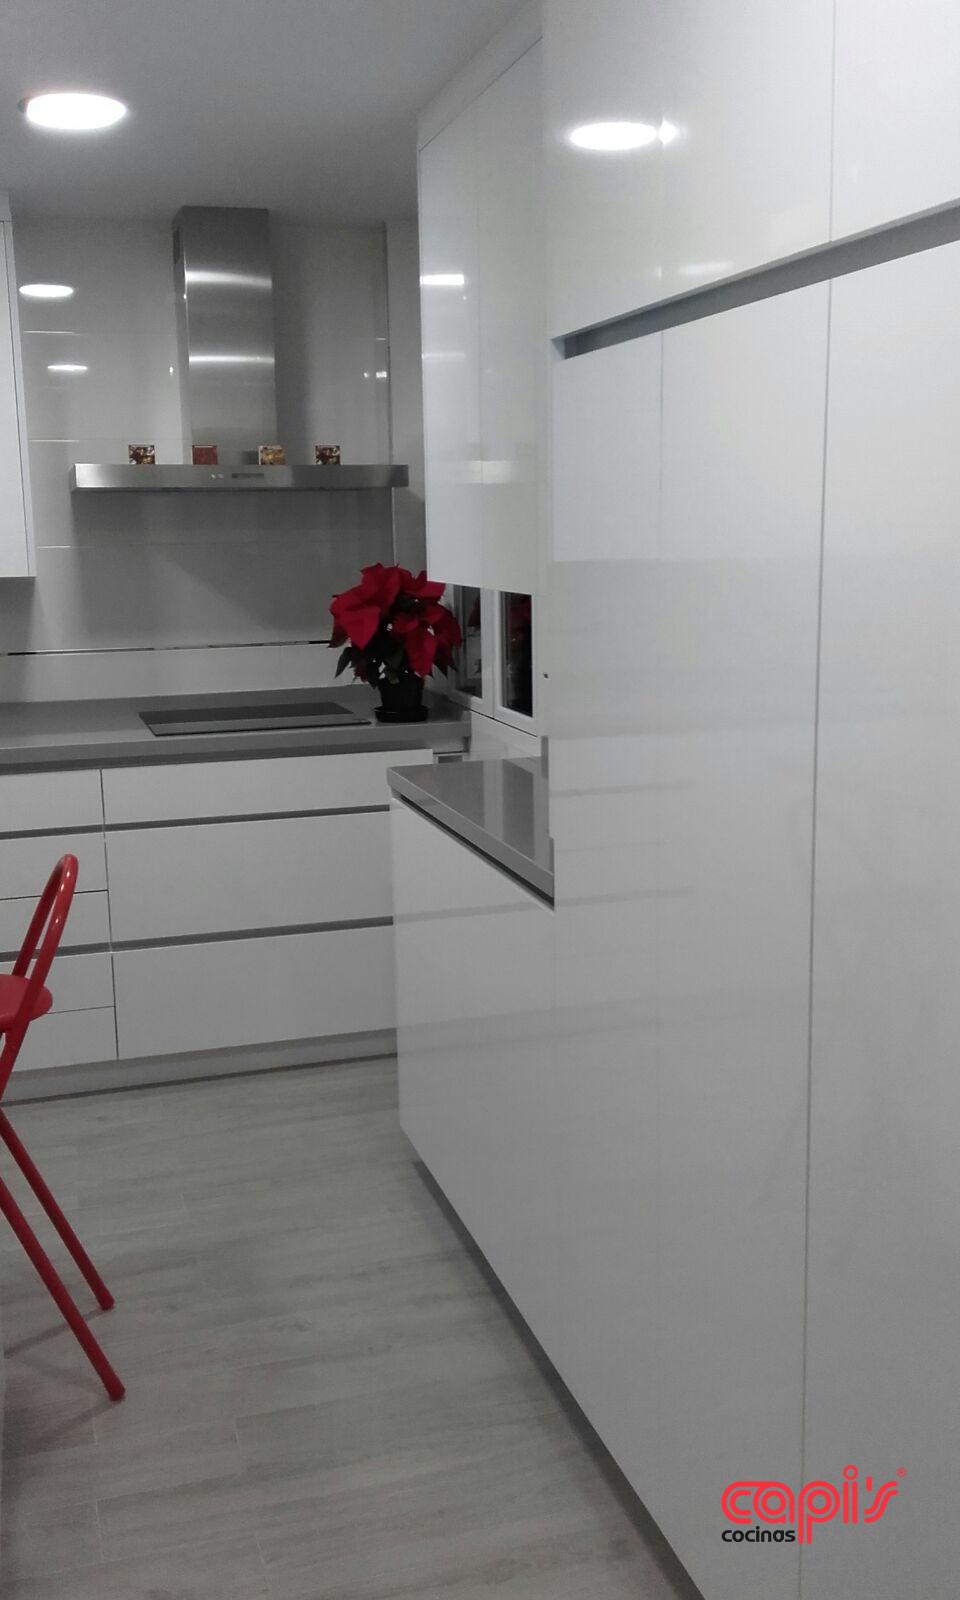 Cocina Tonos Blanco Y Gris Cocinas Capis Diseno Y Fabricacion De